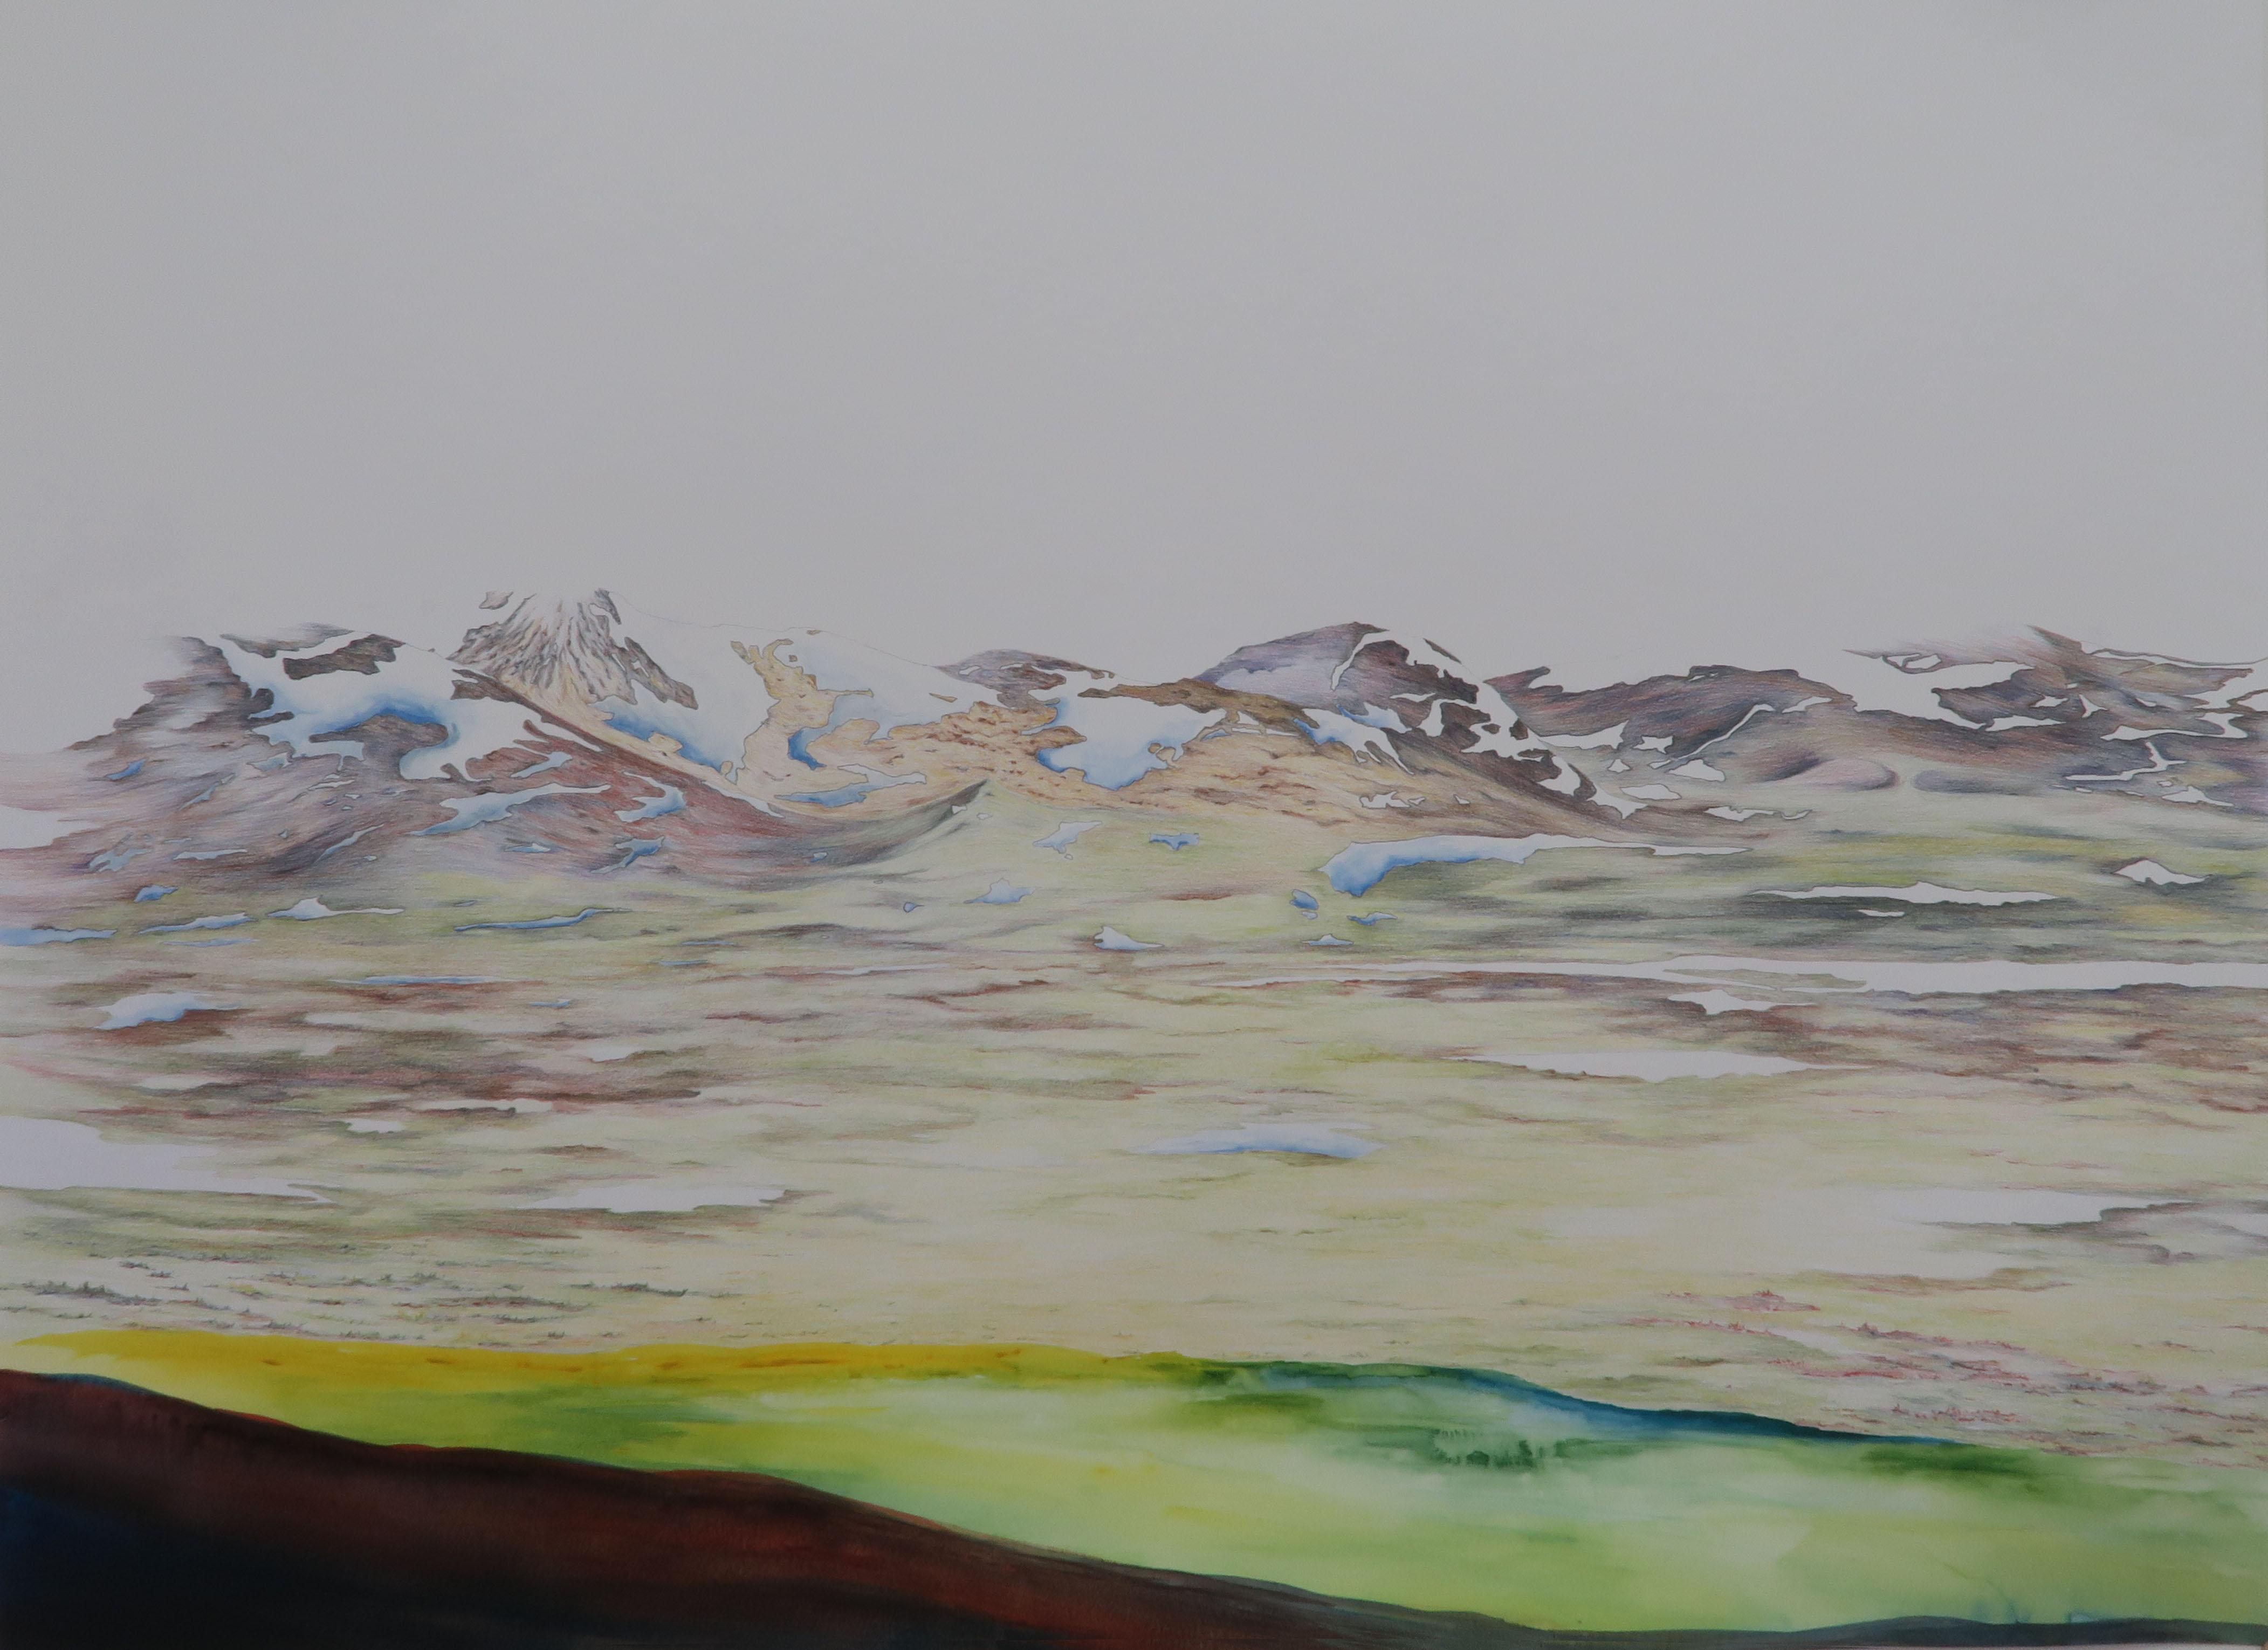 Jotunheimen 2 2017, Potlood en aquarel op papier, 88x67 cm